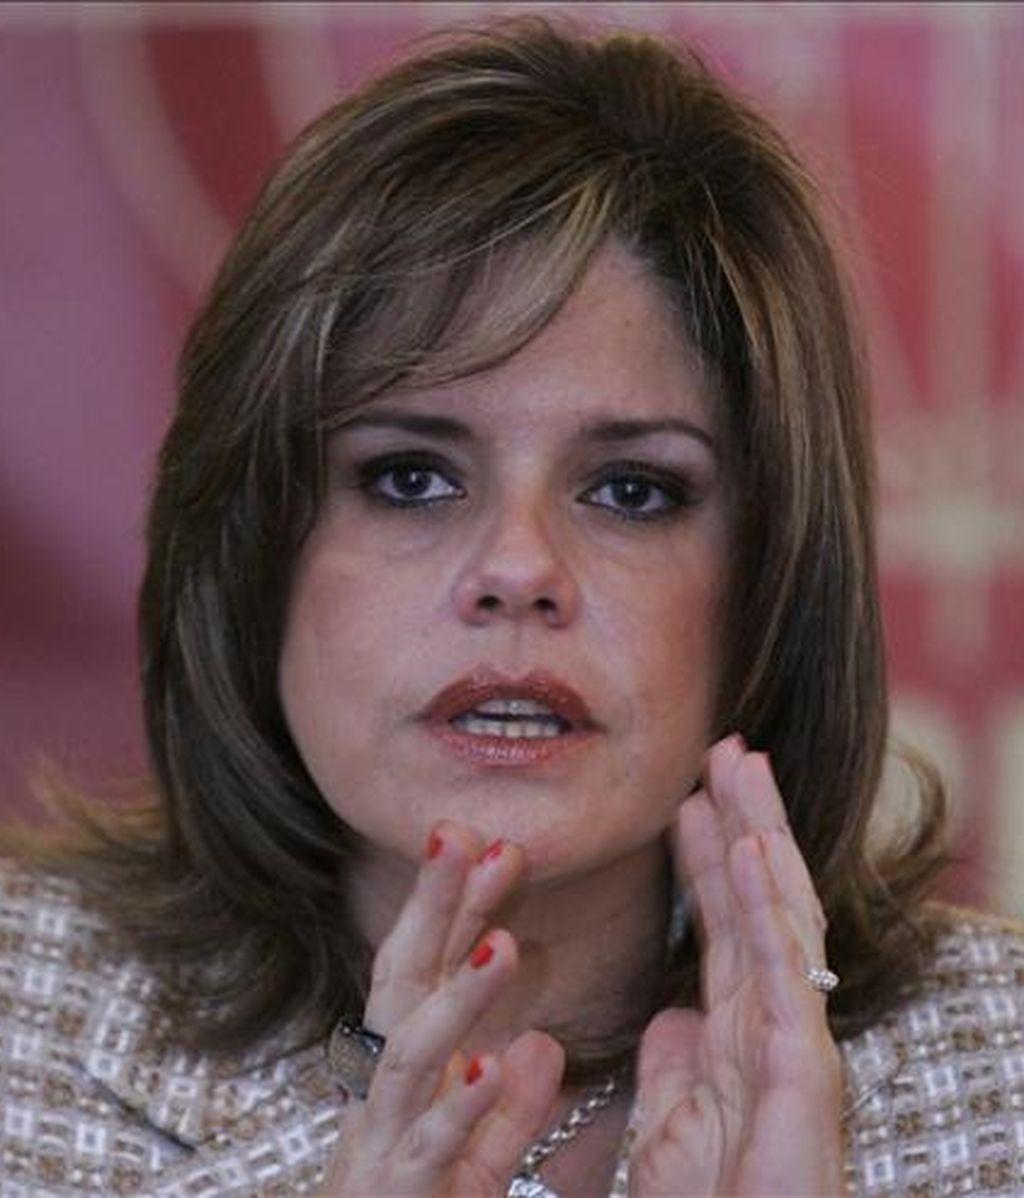 La ministra de Comercio Exterior del Perú, Mercedes Aráoz, señaló que las negociaciones continuarían con normalidad a pesar de algunas criticas provenientes de Europa por los recientes enfrentamientos entre policías e indígenas de la amazonía peruana. EFE/Archivo